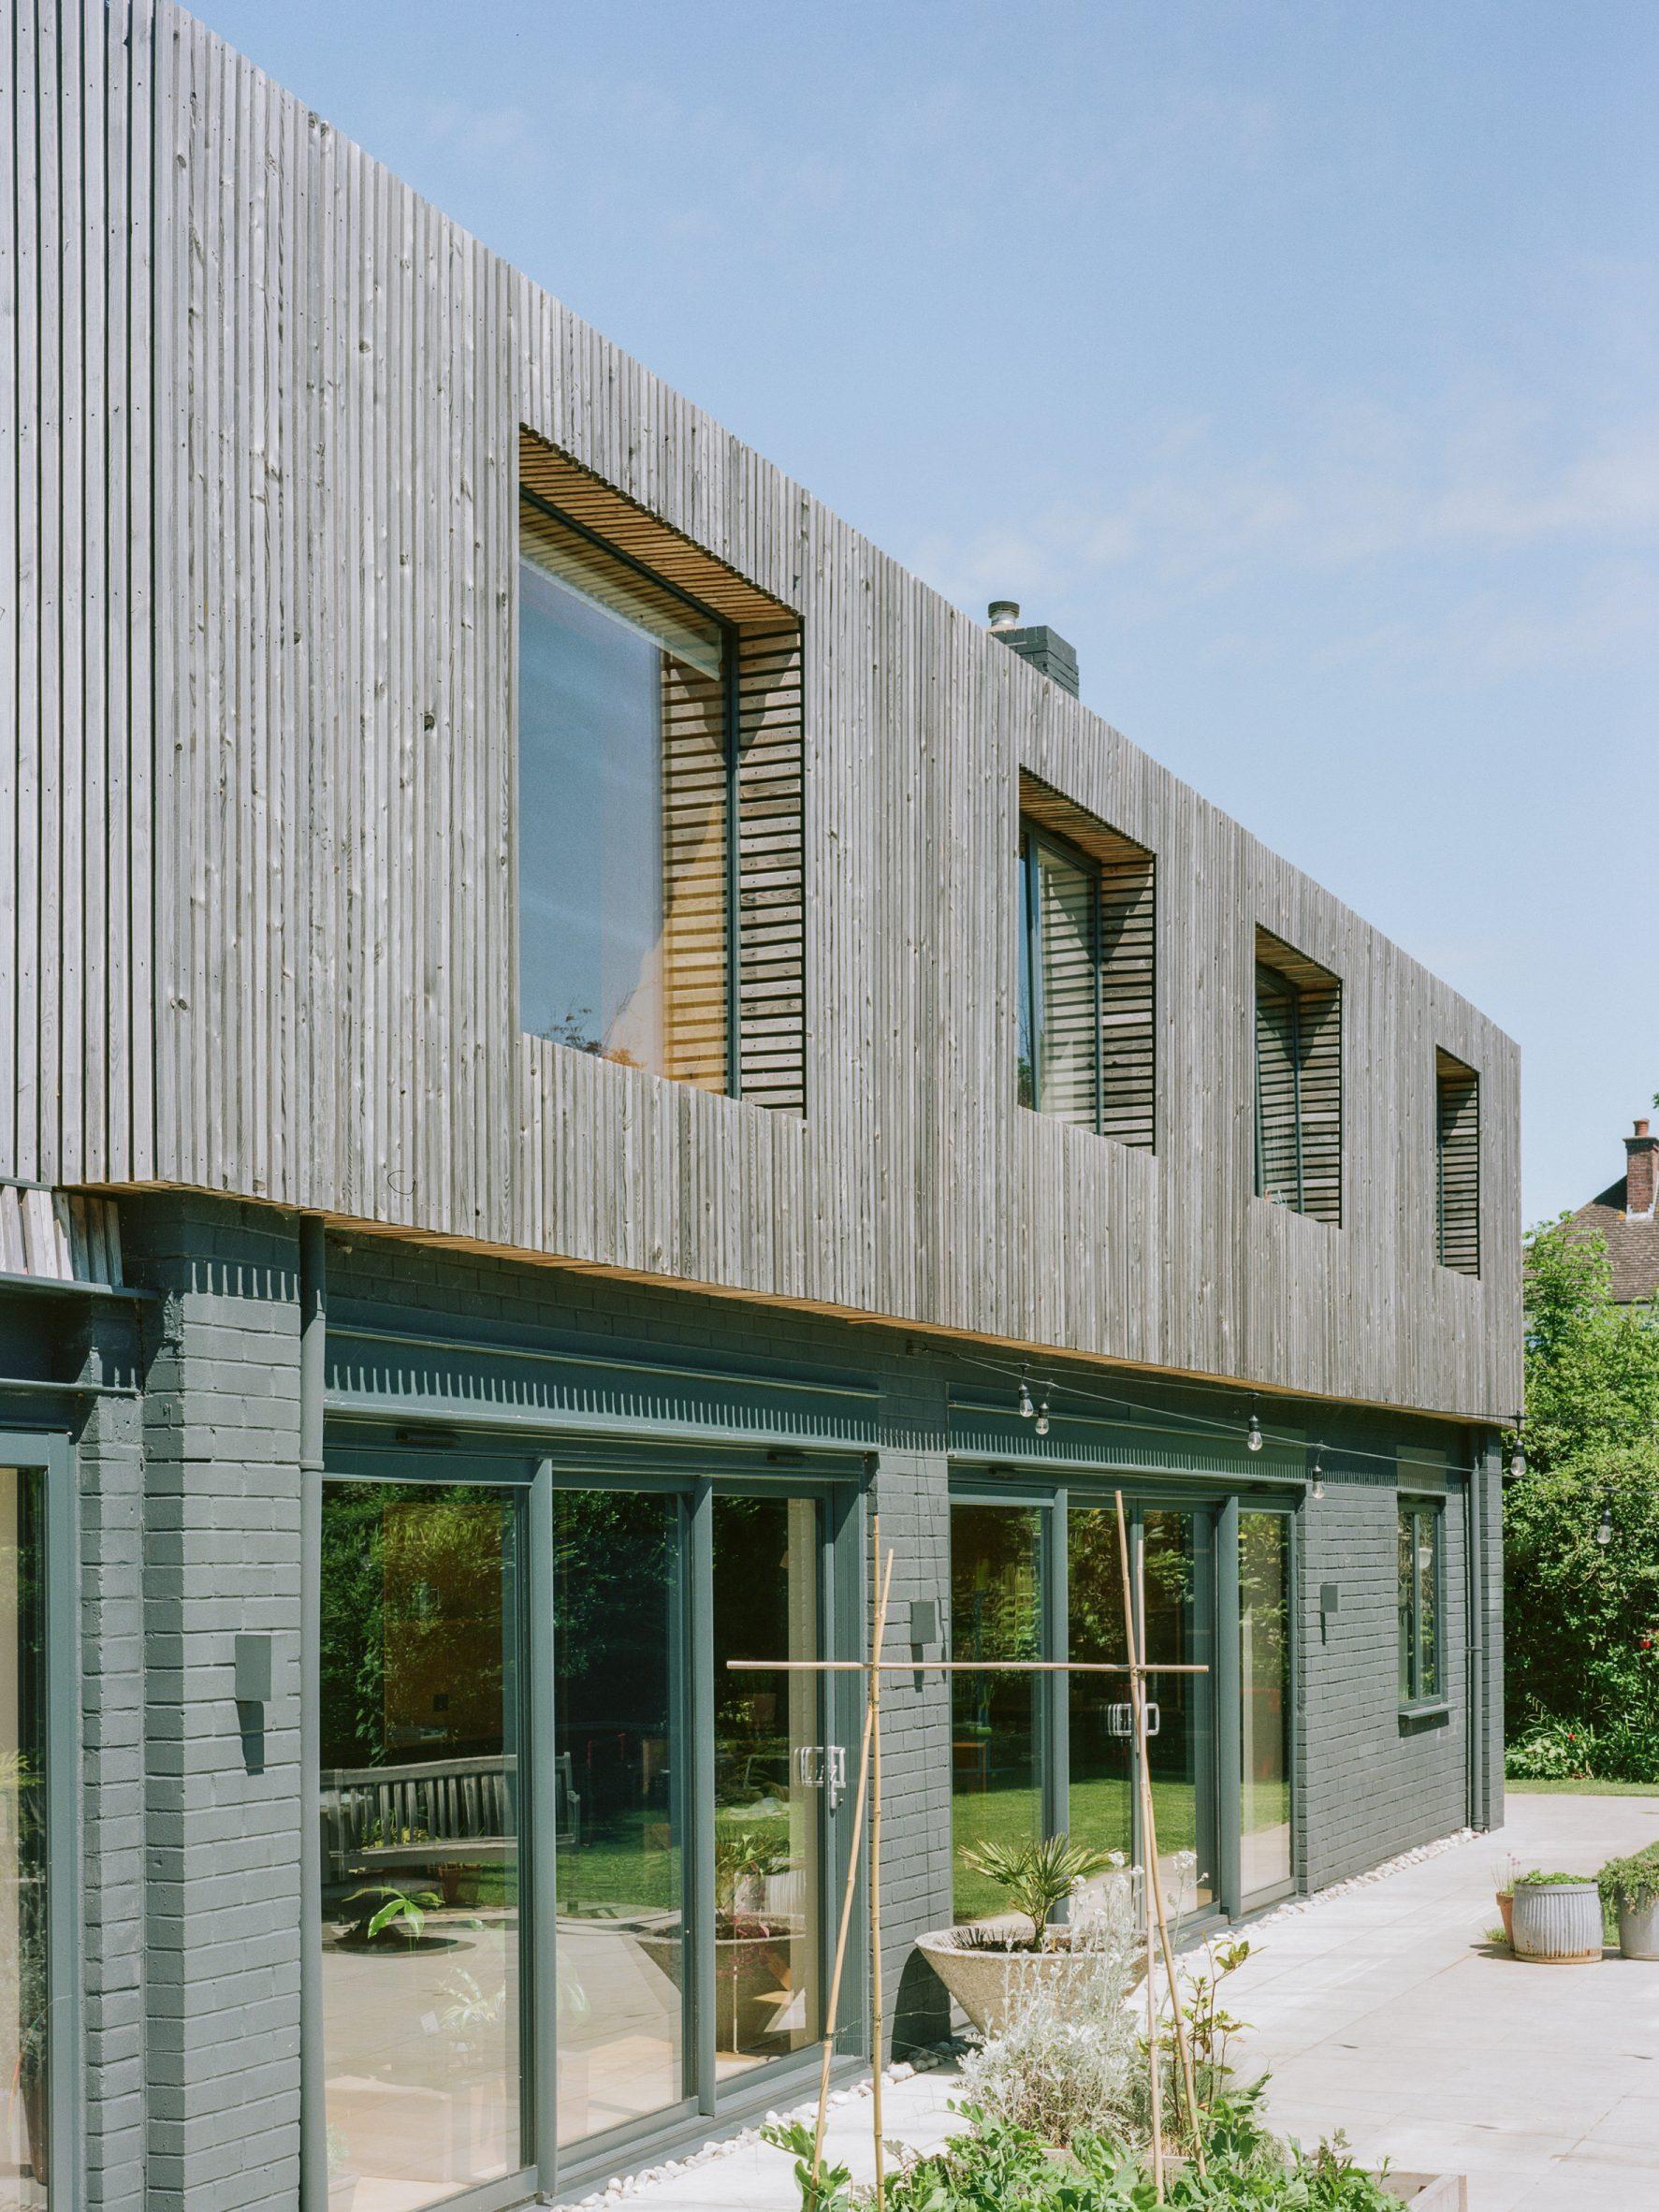 Garden facade of Bawa House by Alter & Company